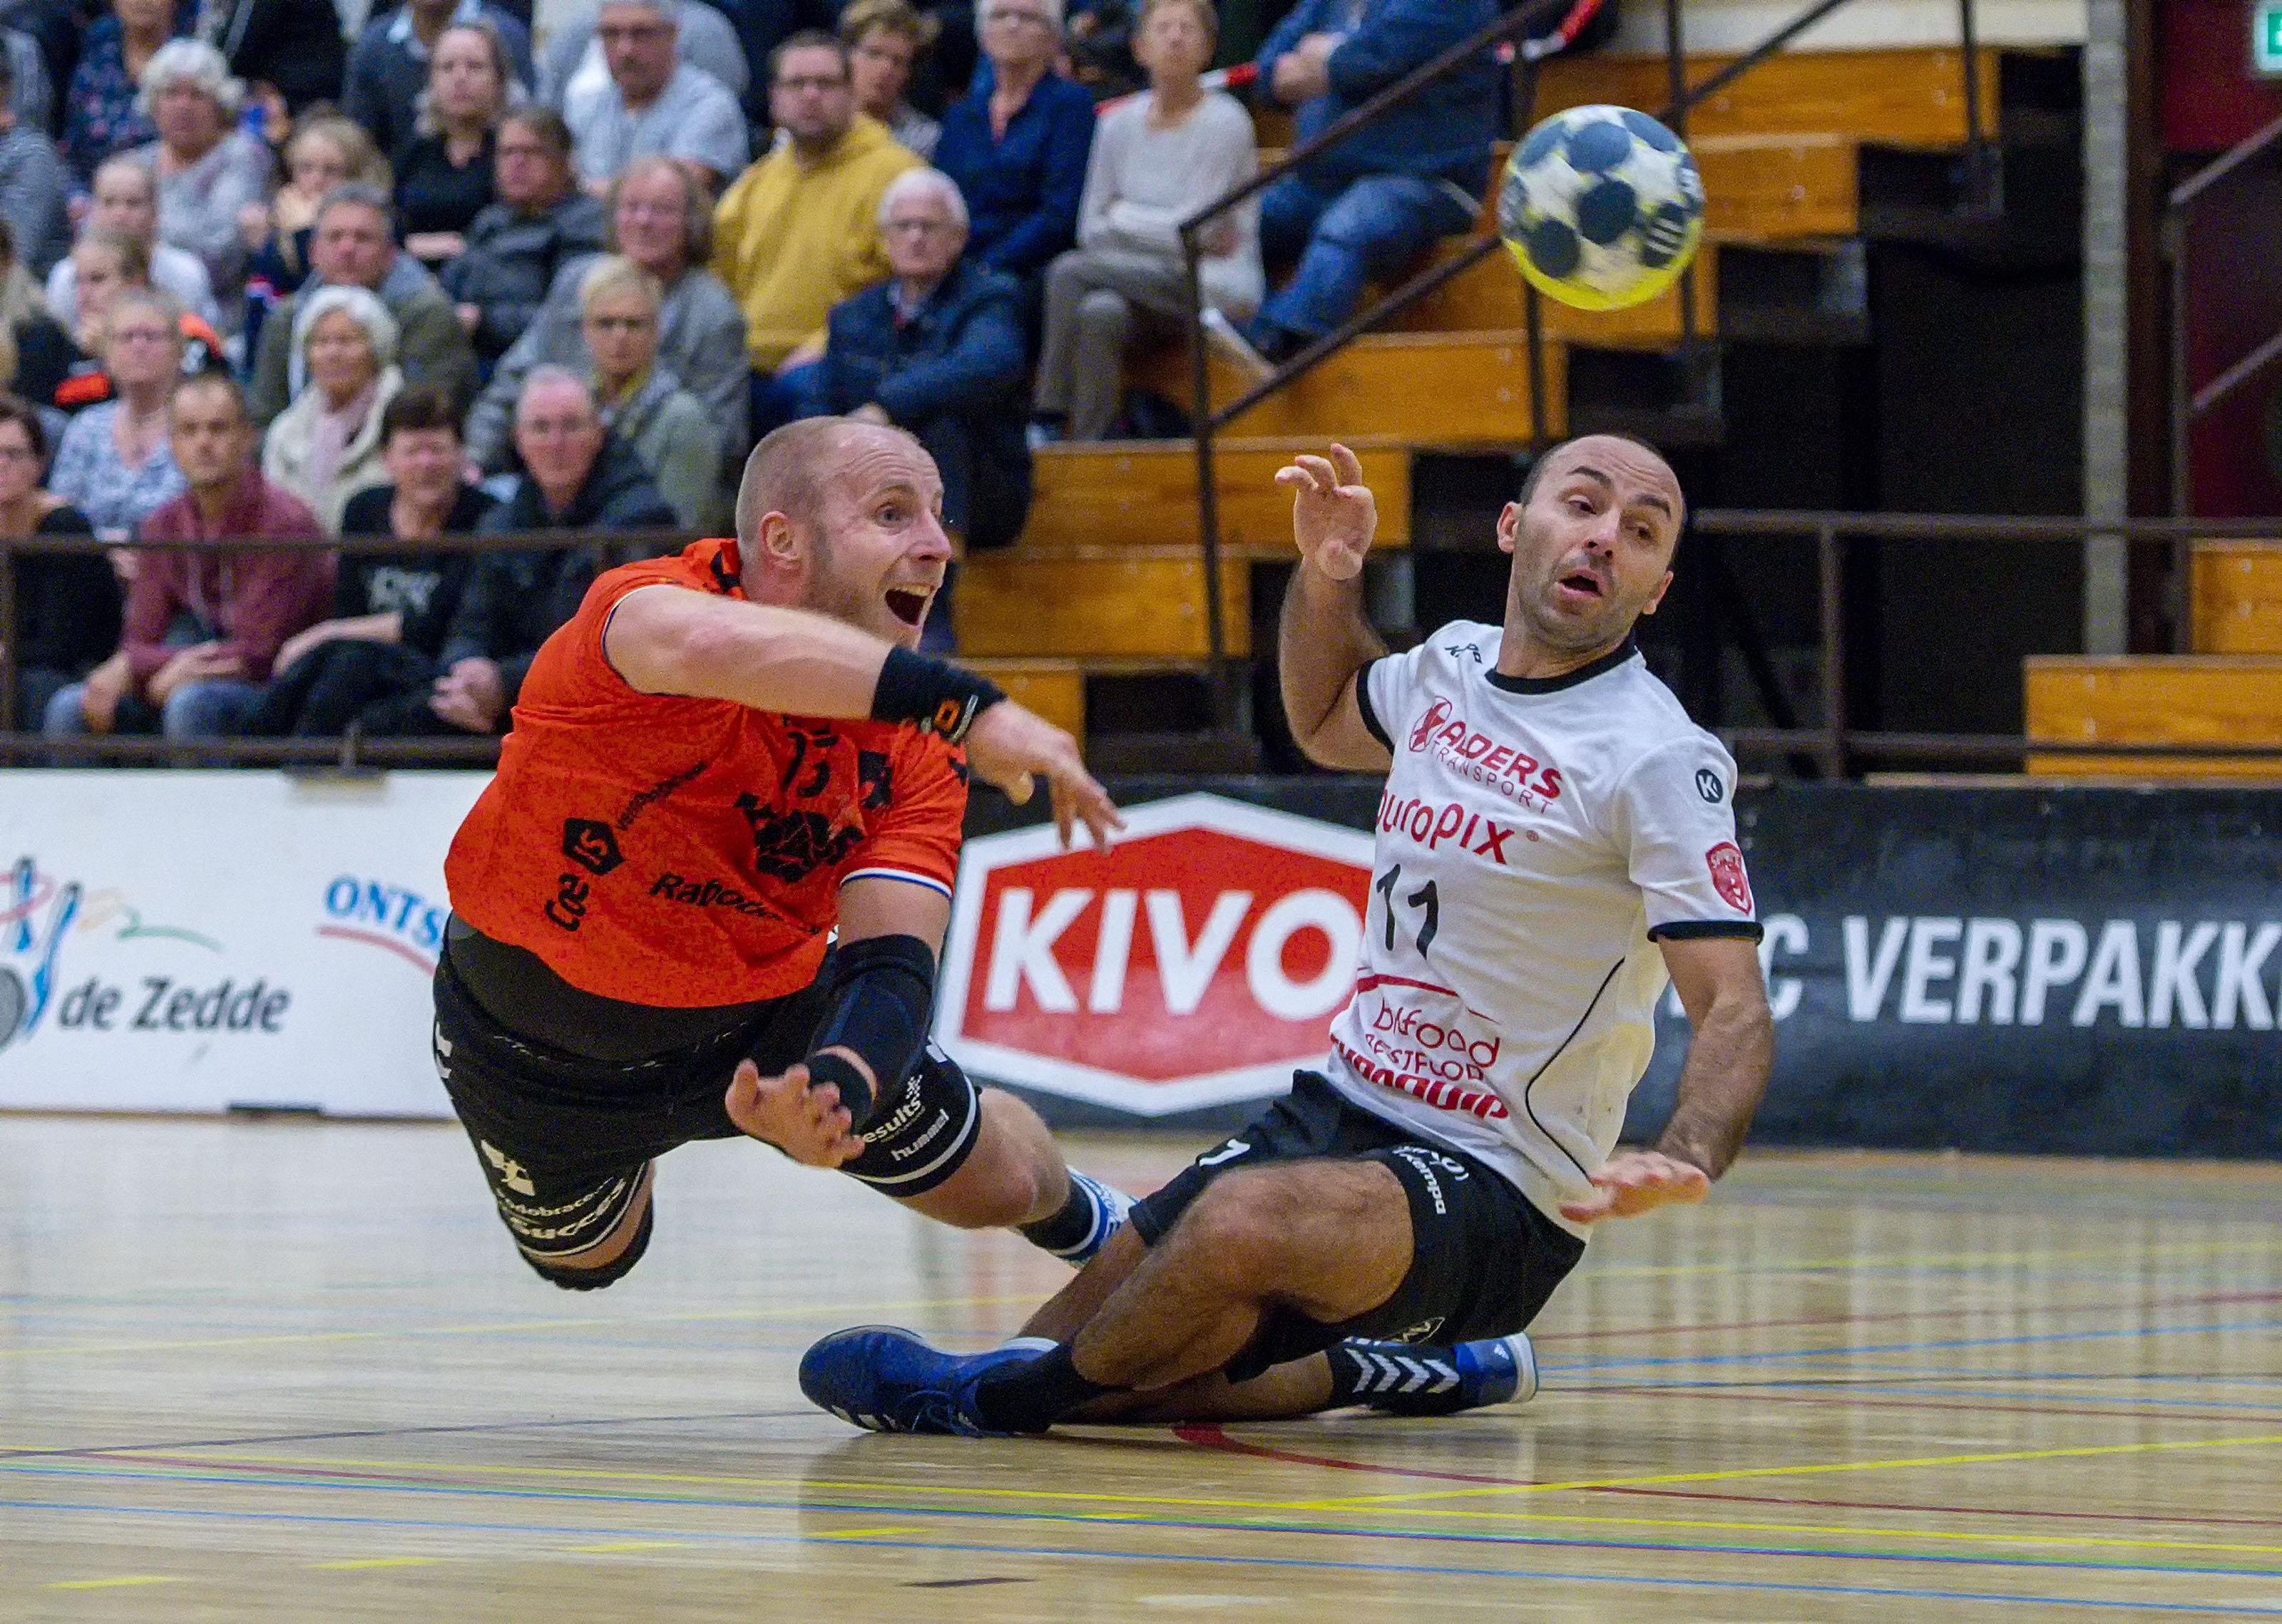 Handbalclubs willen in september starten met Nederlandse duels in Beneleague. 'Hopelijk is dit de oplossing'